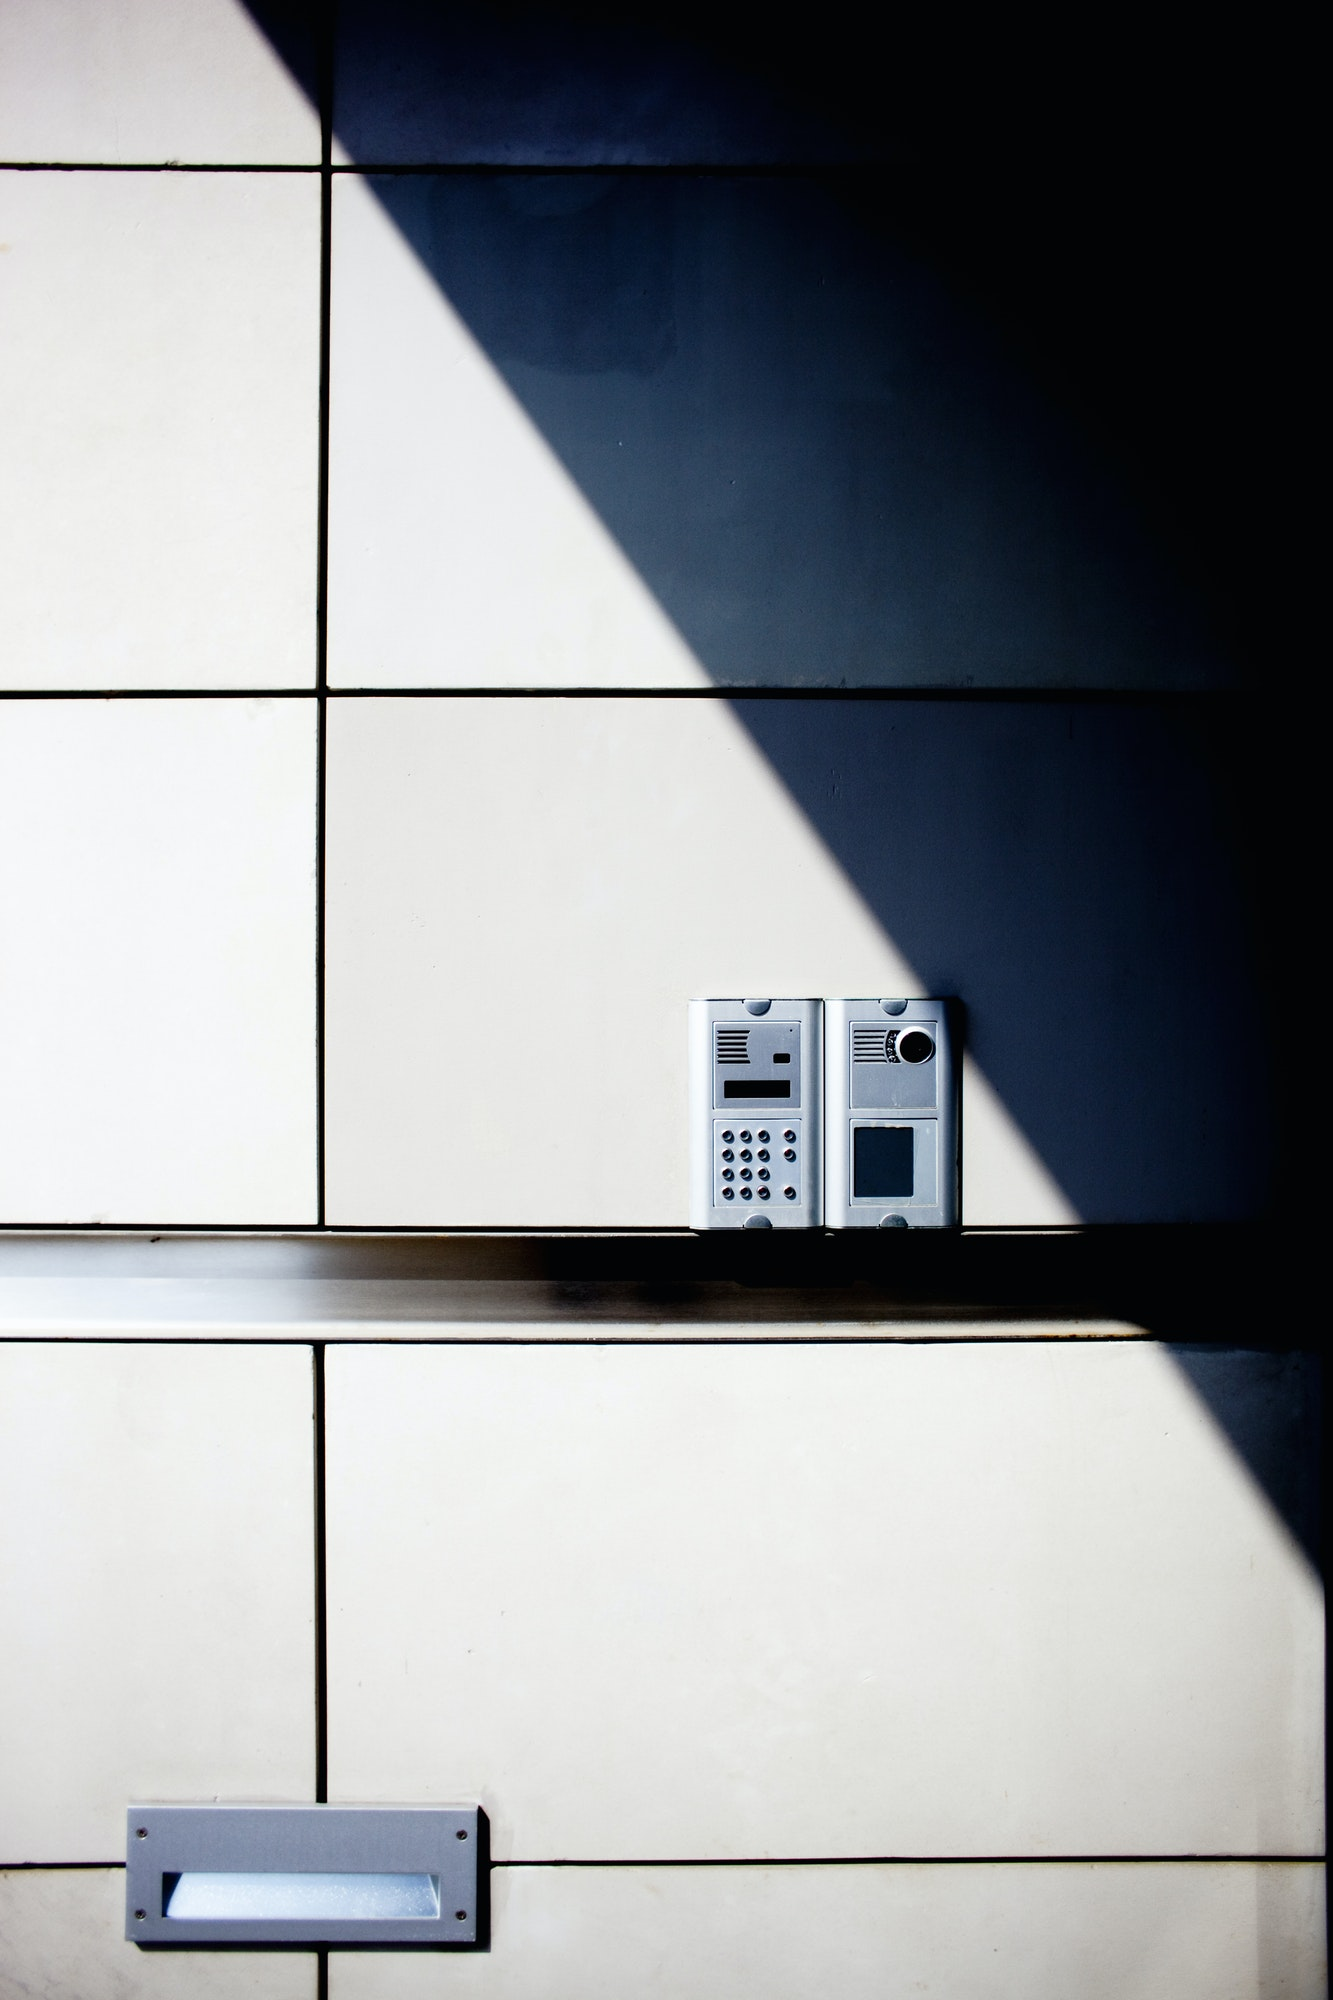 Lokal pålidelig låsesmed på Østerbro til billige låsesmed priser.